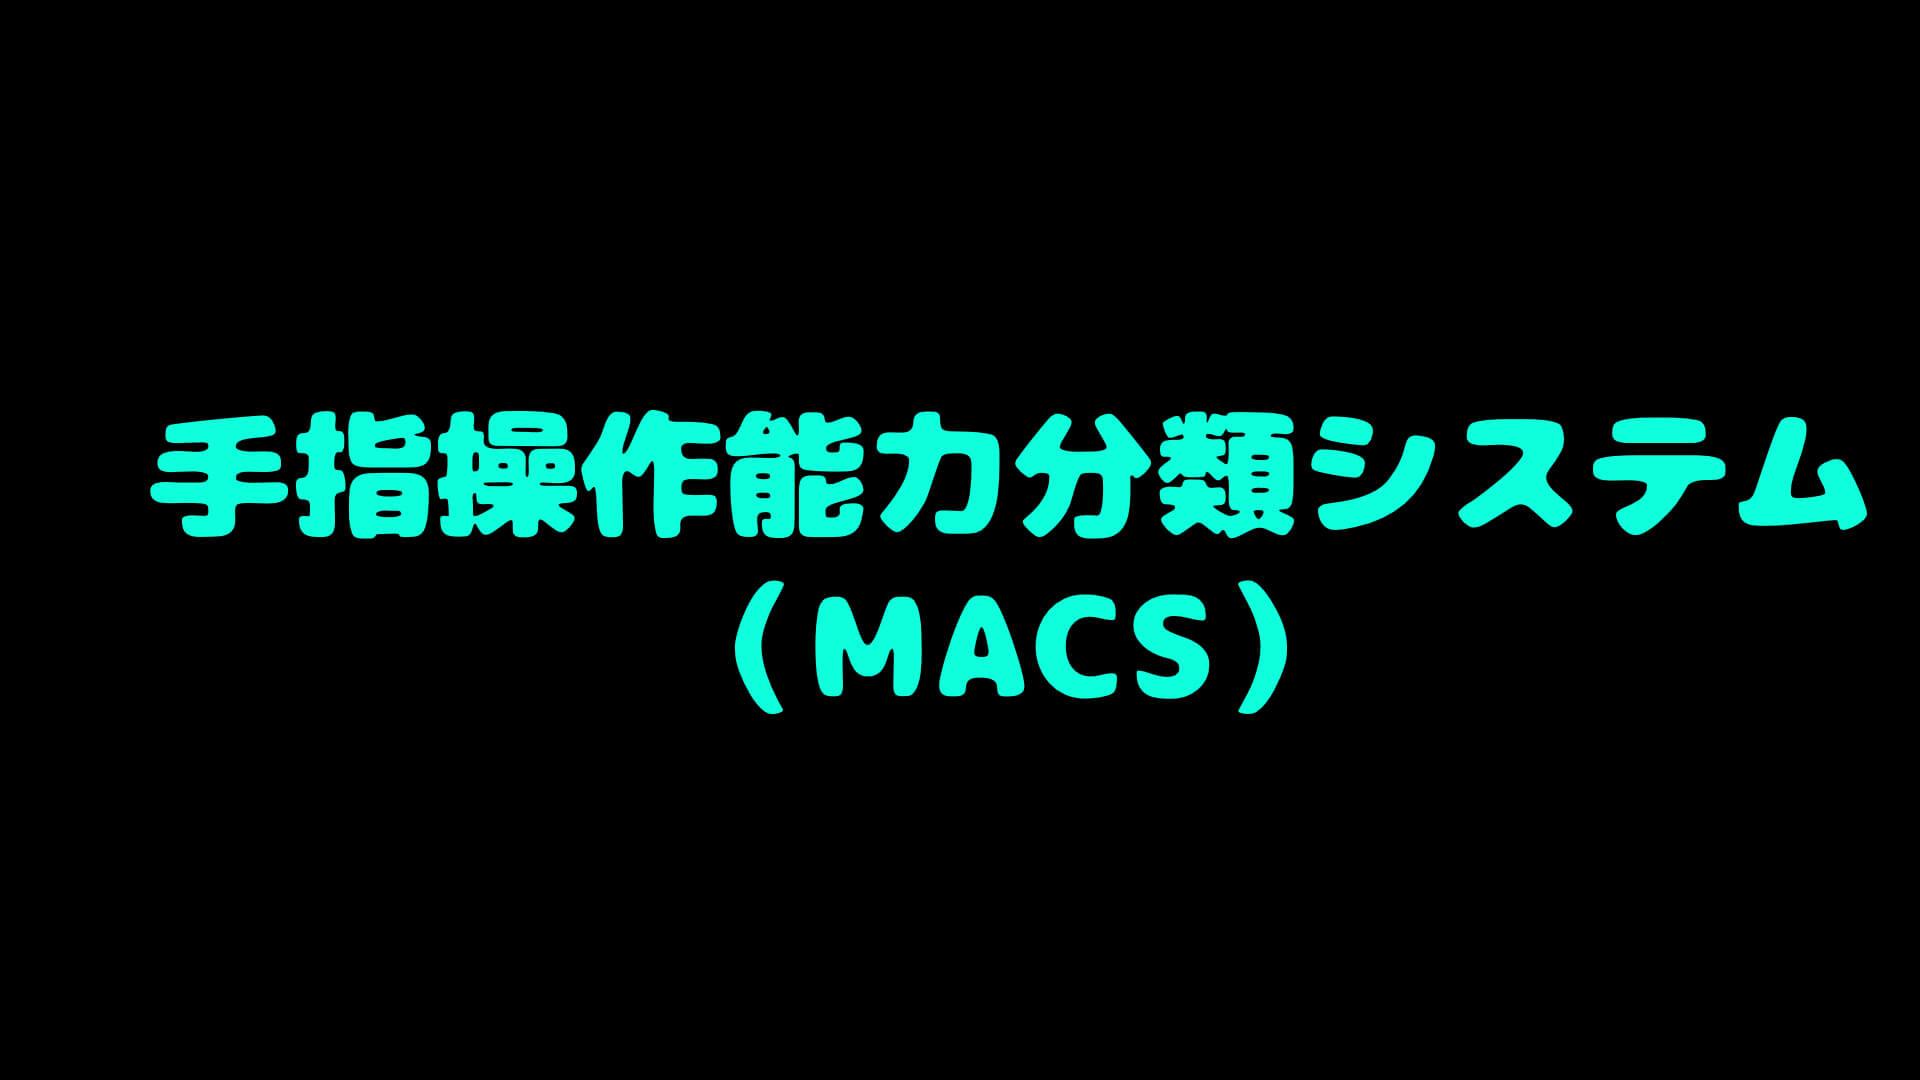 手指操作能力分類システム,MACS